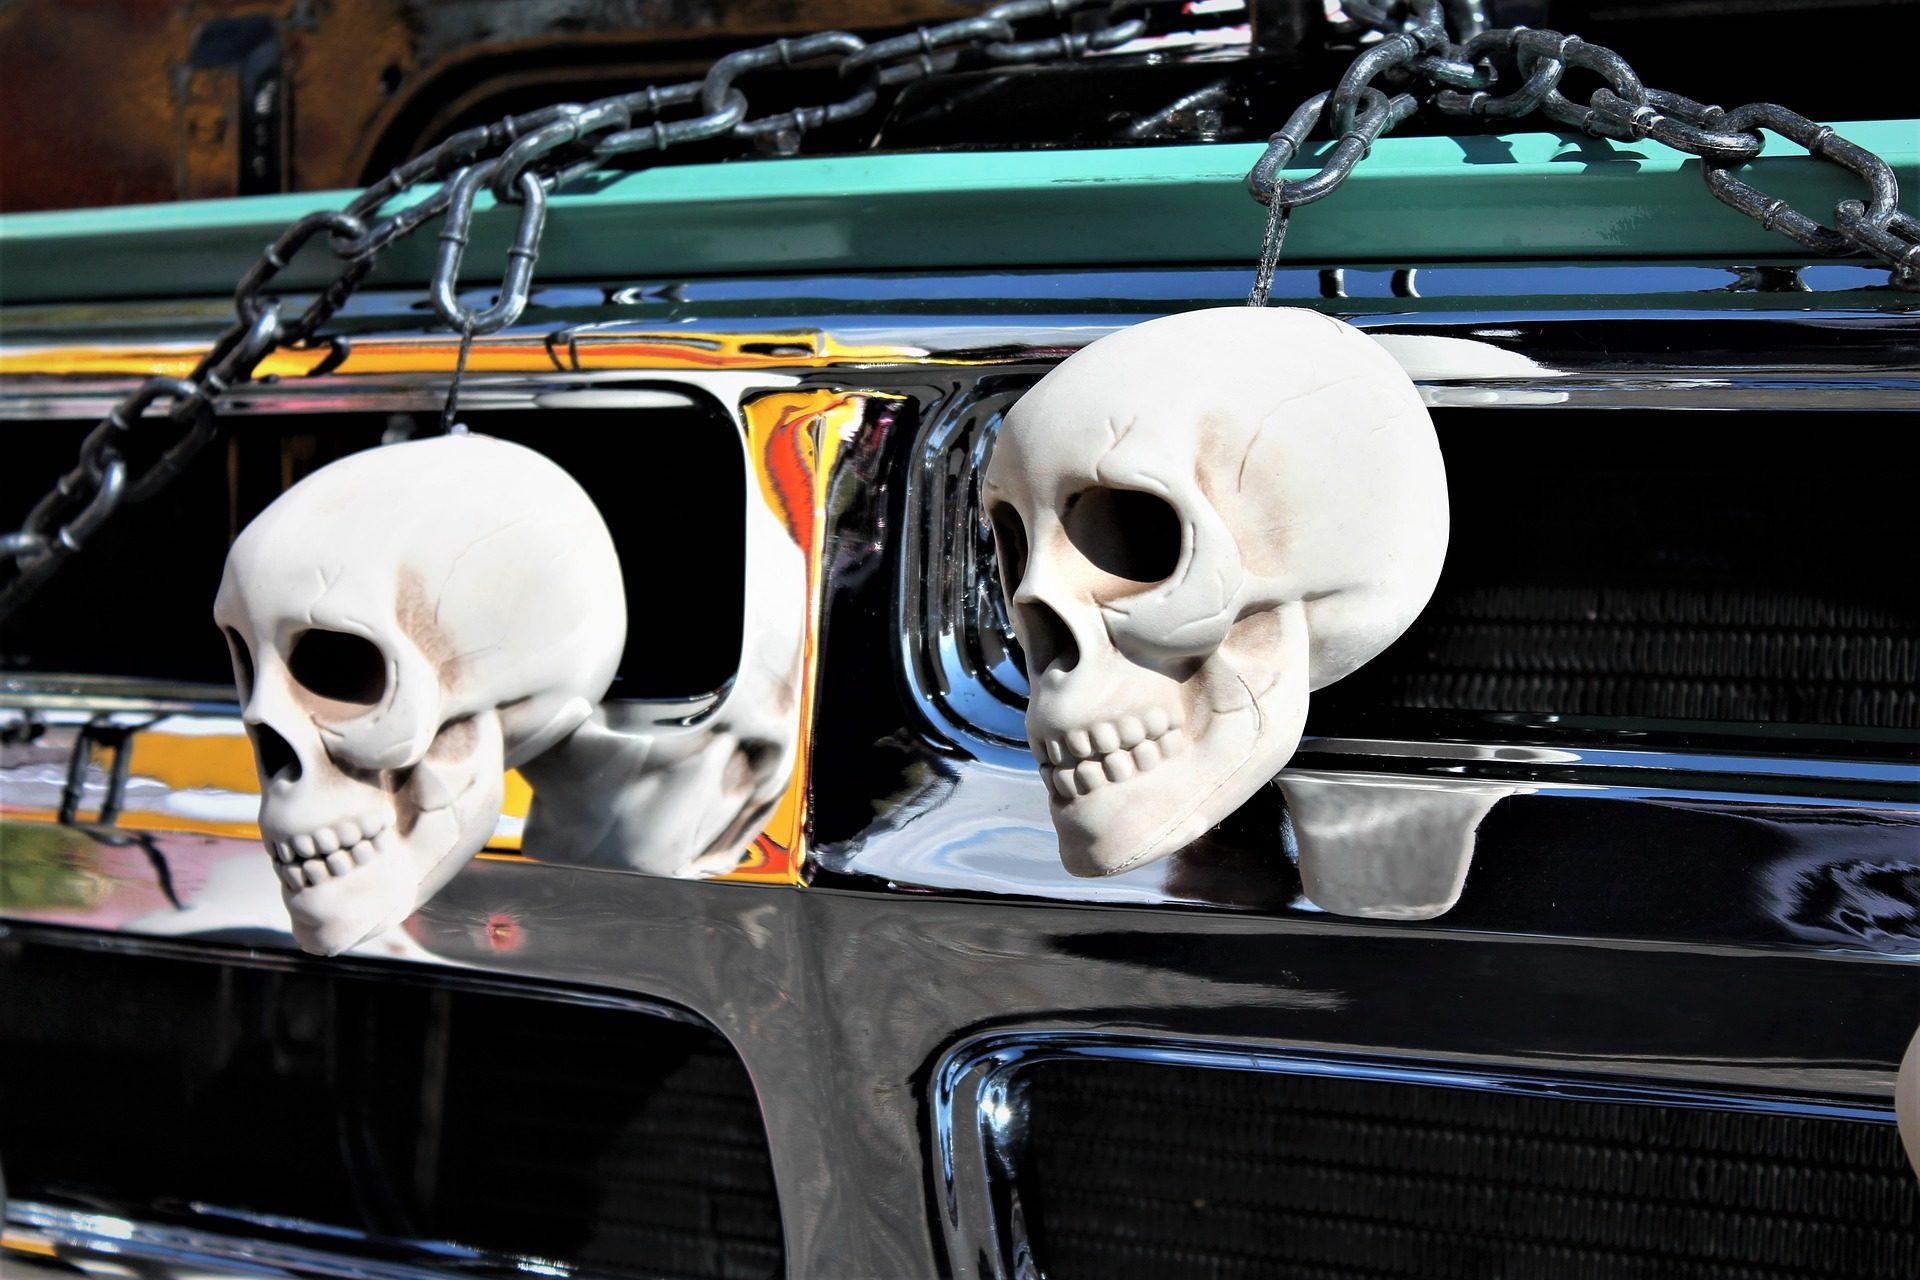 автомобиль, Фронт, Украшение, черепа, цепи - Обои HD - Профессор falken.com